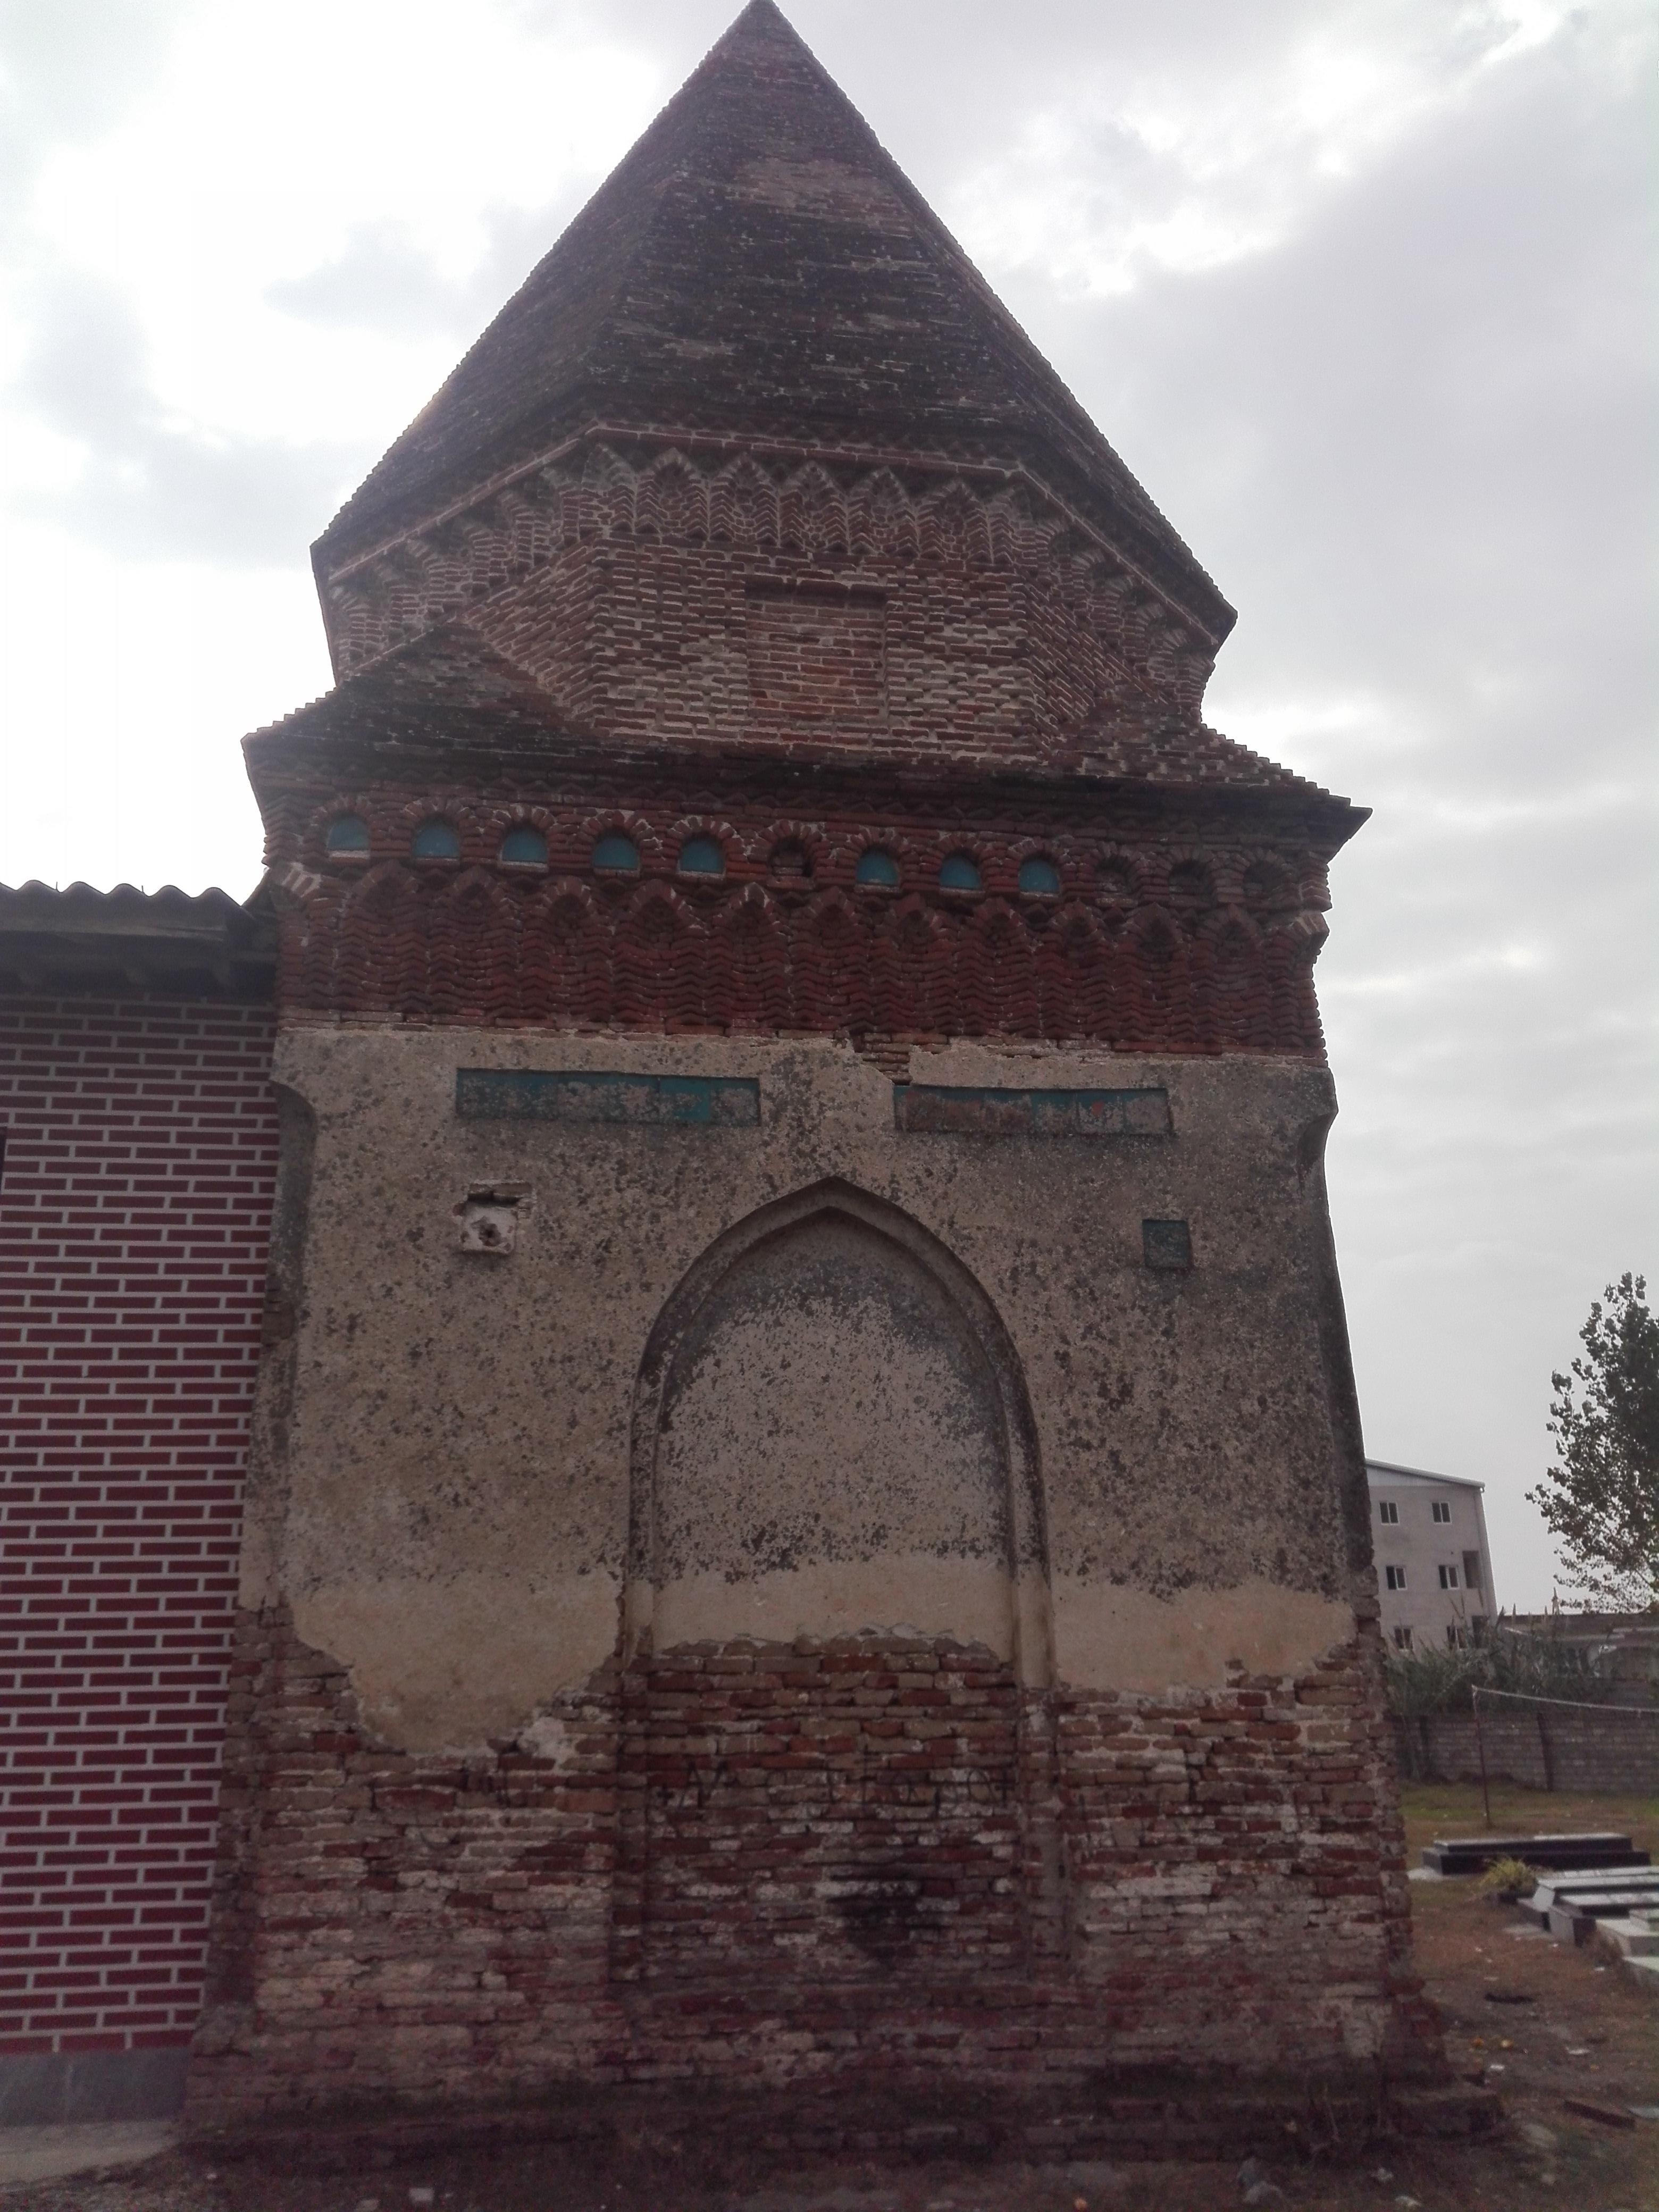 برج آرامگاهی درویش علم بازی- دوره تیموری - بازگیرکلا، بابل